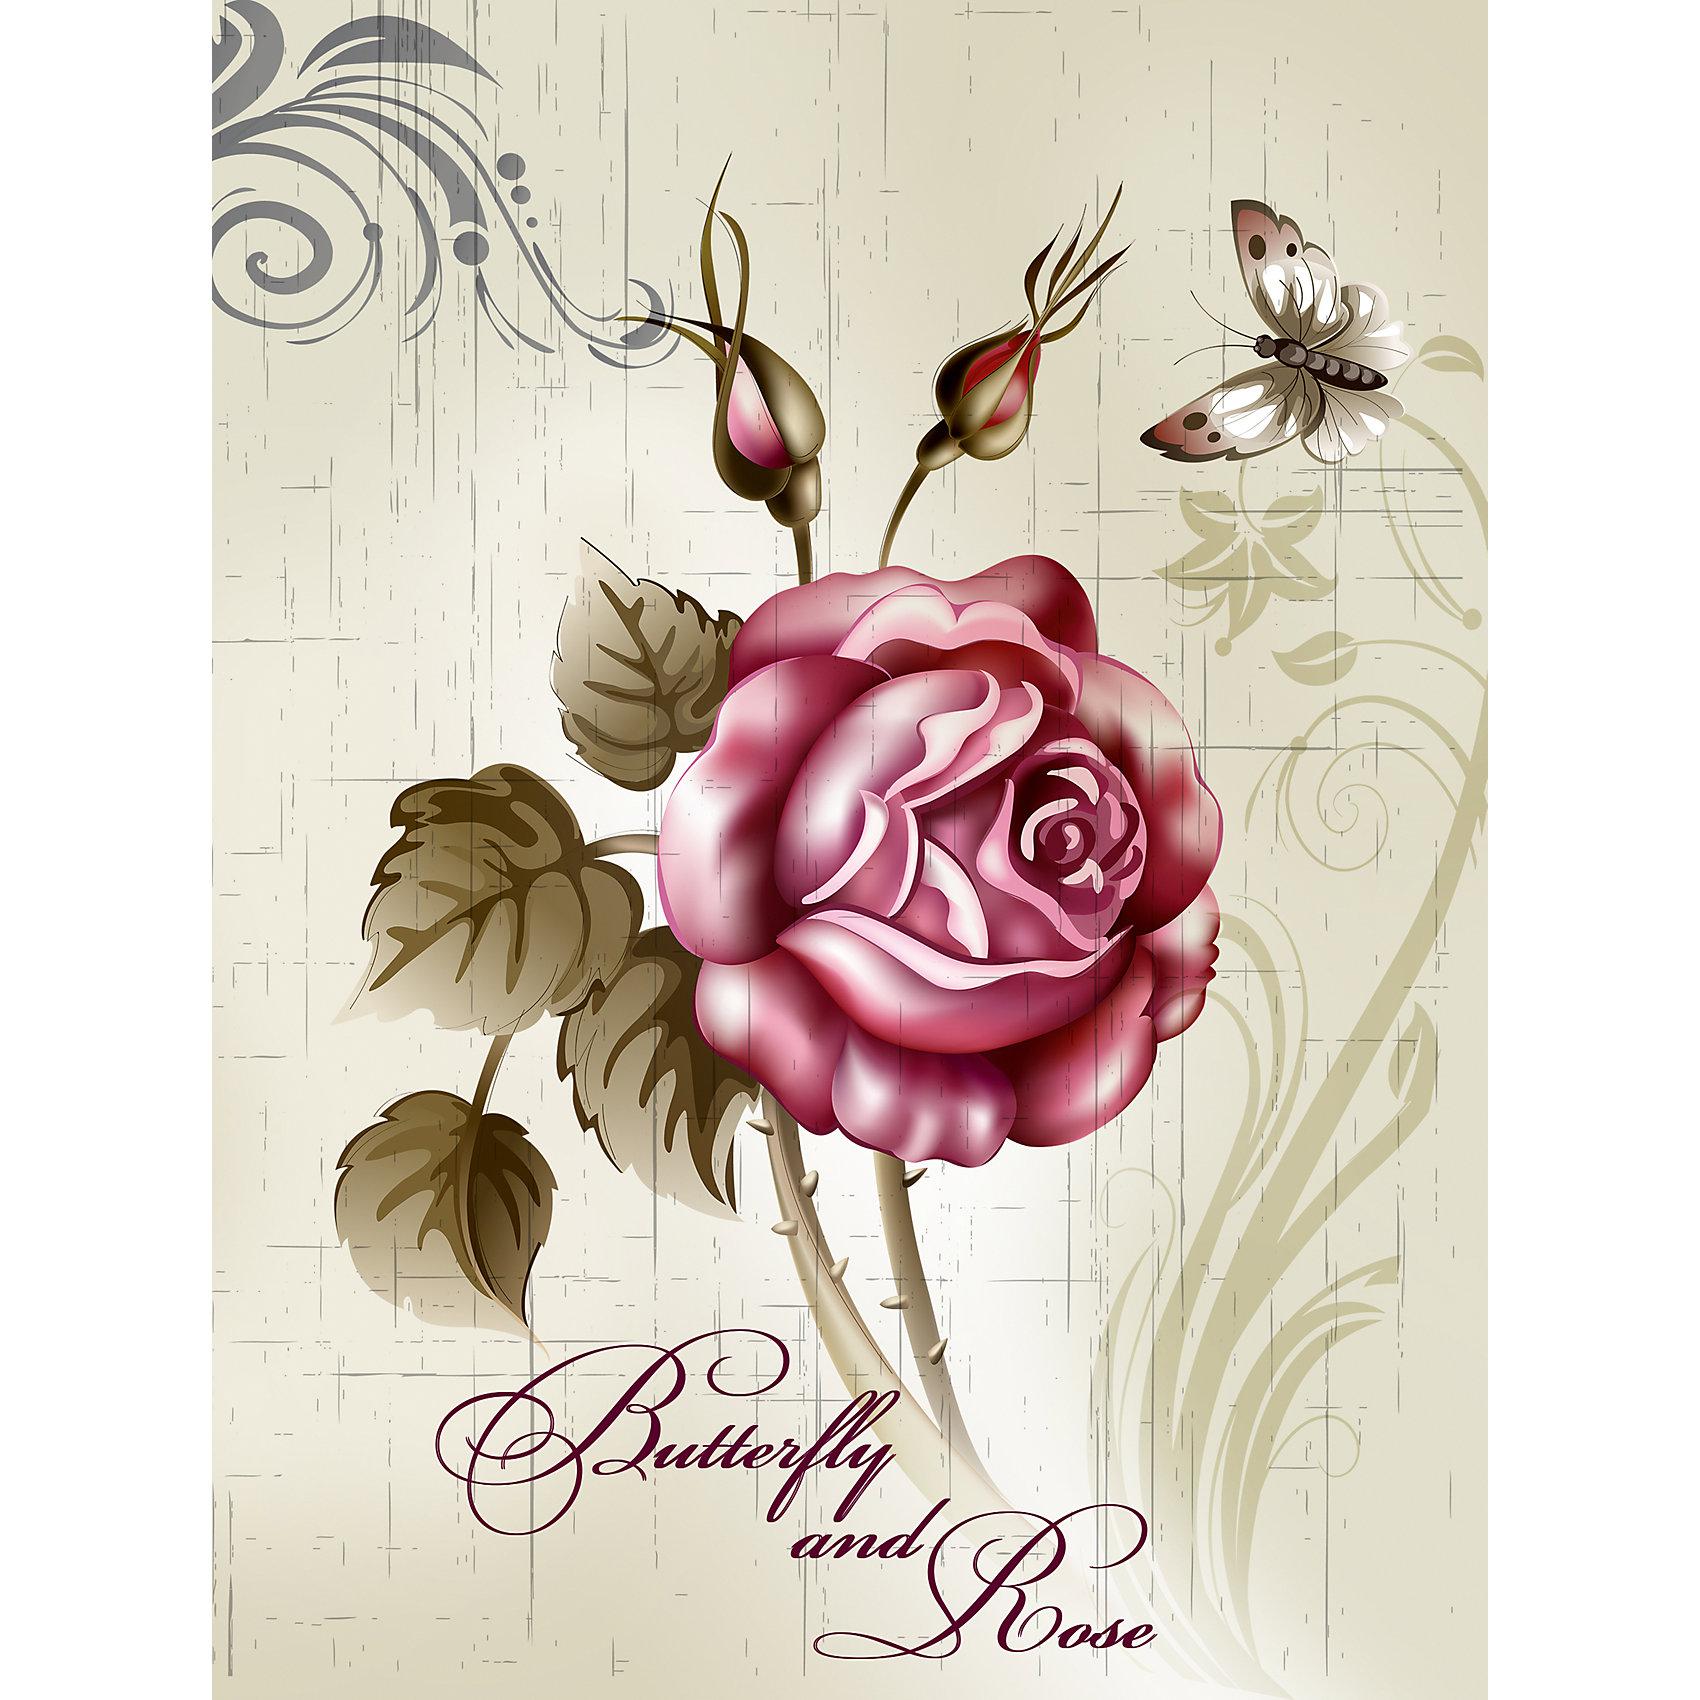 Картина - репродукция Роза, Феникс-ПрезентКартина - репродукция Роза, Феникс-Презент <br><br>Характеристики:<br><br>• печать на бумаге<br>• без рамки<br>• основа из МДФ<br>• размер: 30х40х1 см<br><br>Картина является главным украшением любой комнаты. Картина-репродукция Роза подарит вам много положительных эмоций. На ней изображена нежная розовая роза. Основа изготовлена из МДФ. Печать на бумаге долго сохраняет яркость цвета. Картина Роза станет хорошим подарком для родных и близких.<br><br>Картина - репродукция Роза, Феникс-Презент вы можете купить в нашем интернет-магазине.<br><br>Ширина мм: 300<br>Глубина мм: 400<br>Высота мм: 100<br>Вес г: 793<br>Возраст от месяцев: -2147483648<br>Возраст до месяцев: 2147483647<br>Пол: Унисекс<br>Возраст: Детский<br>SKU: 5449533